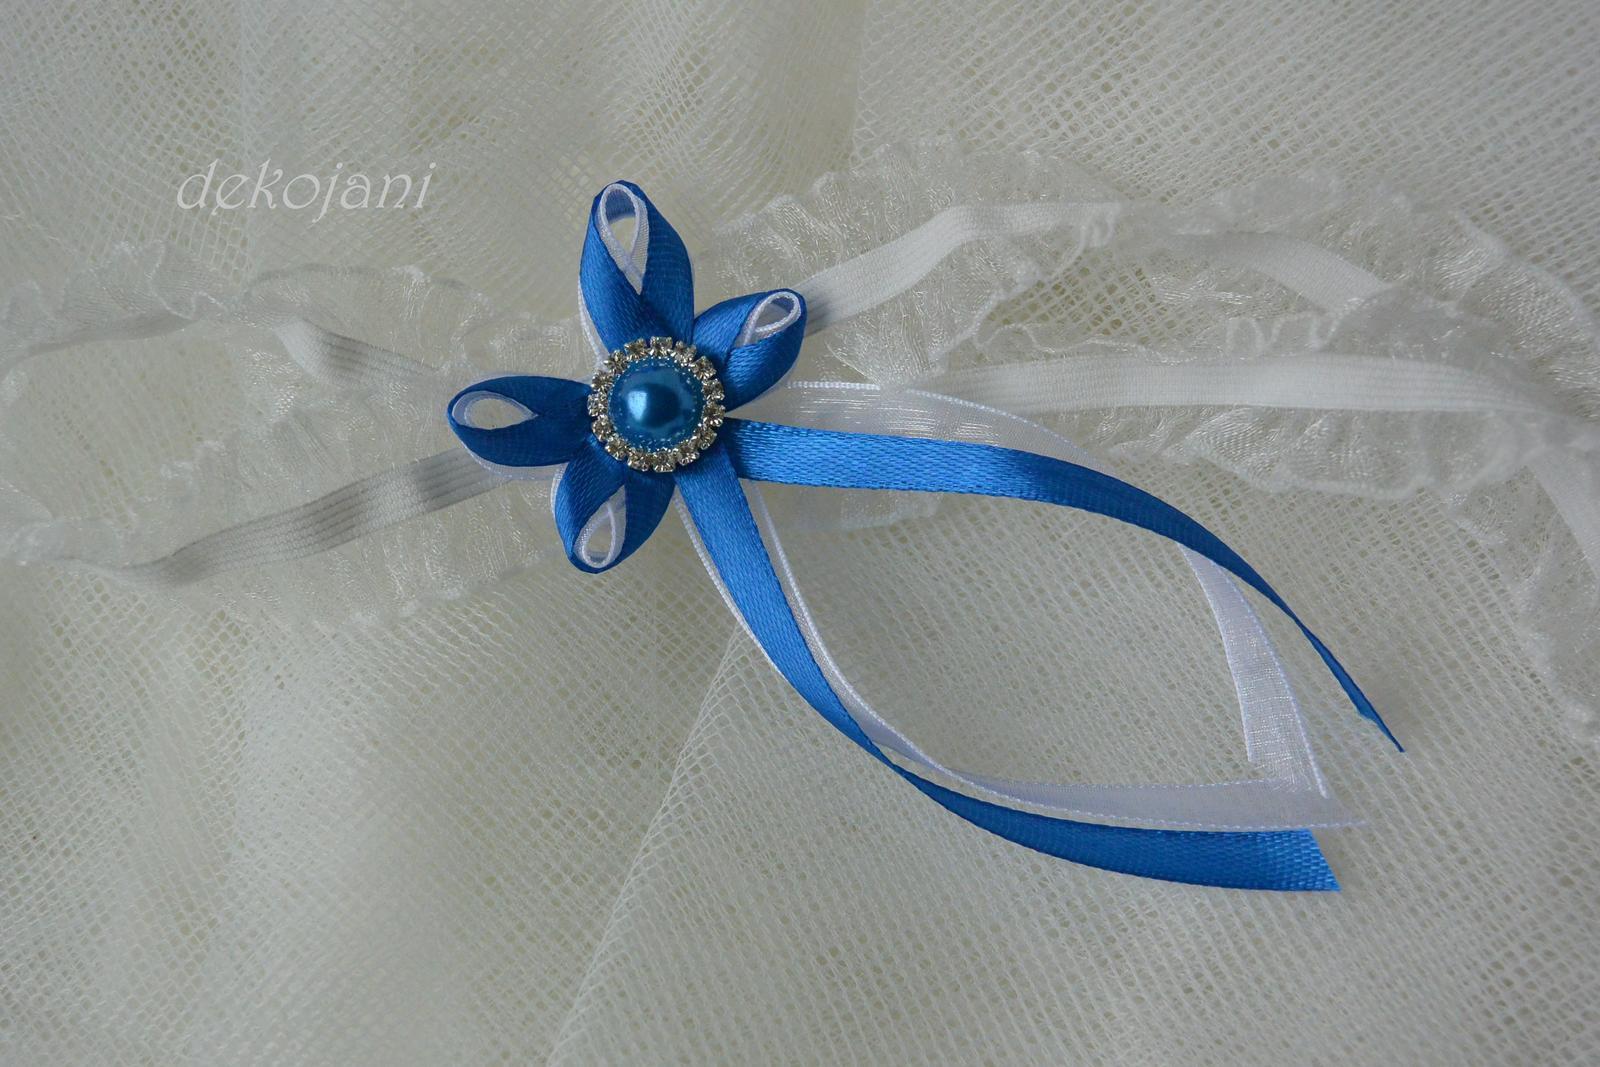 Svatební polštářek s modrou broží - Obrázek č. 2